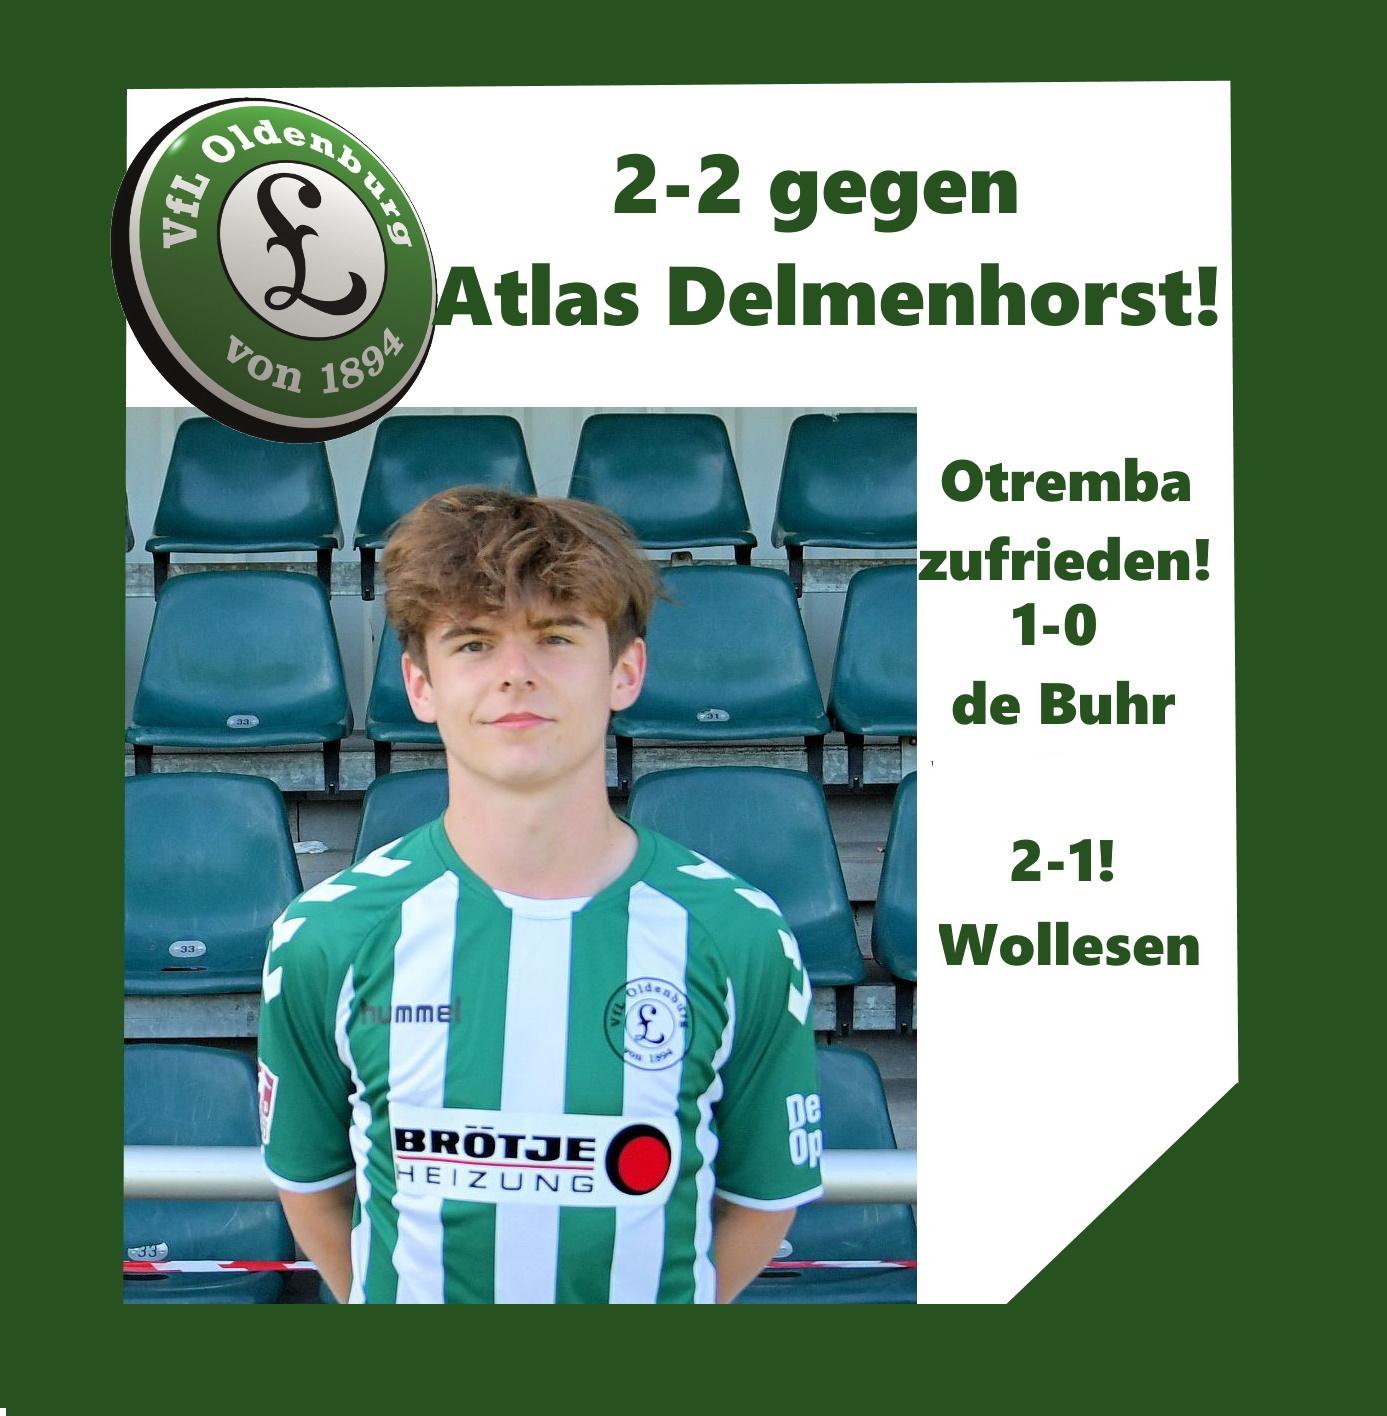 2- 2 gegen Regionalligisten Atlas Delmenhorst- Otremba mit der Vorbereitung zufrieden!